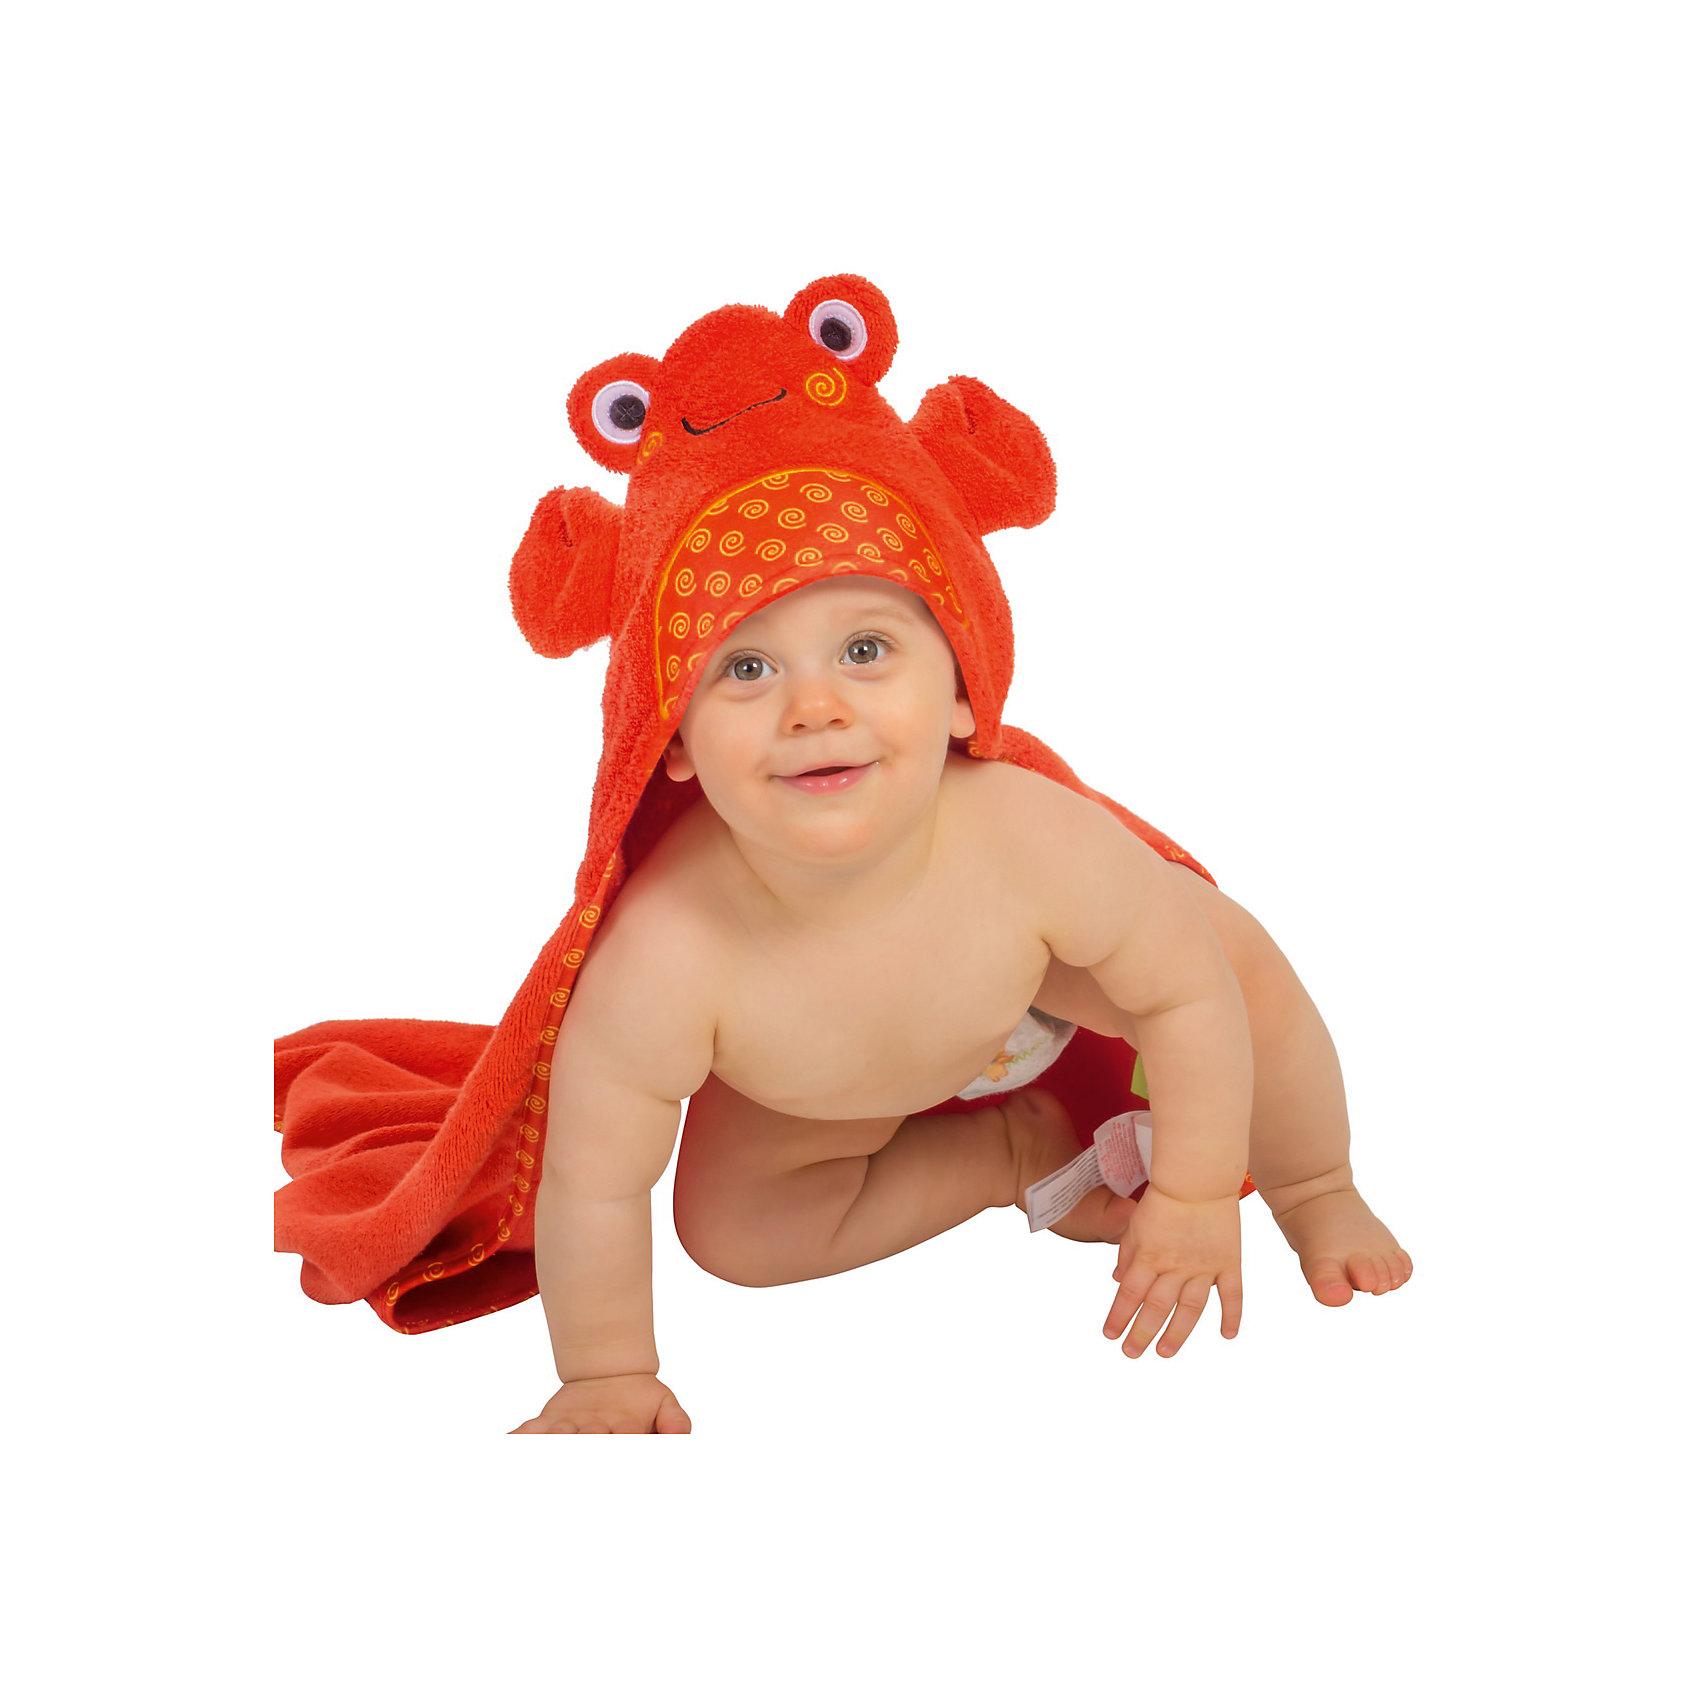 Zoocchini Полотенце с капюшоном Charlie the Crab (0-18 мес.), Zoocchini полотенца candide полотенце с капюшоном the original 70х70 см